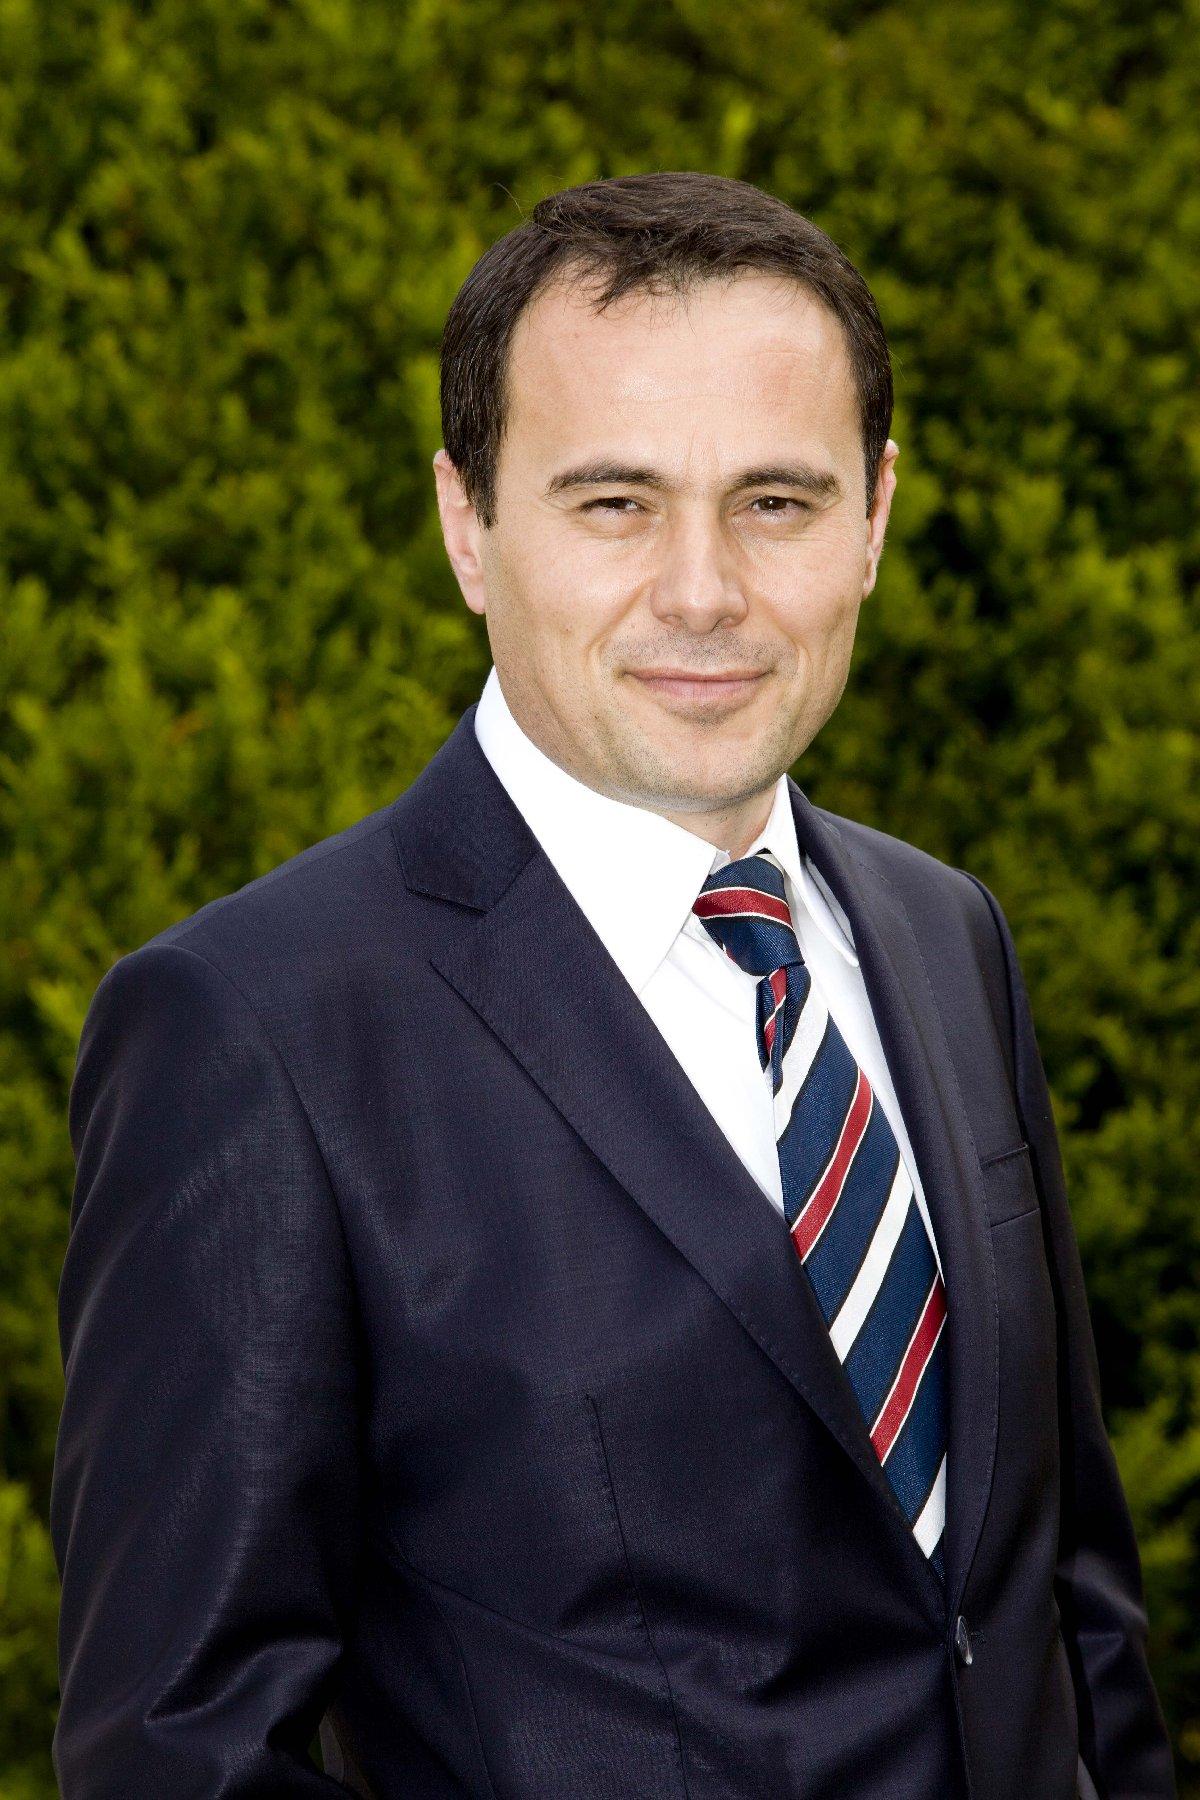 Otomobil ve Motosikletten Sorumlu Satış, Pazarlama ve Planlama Genel Müdür Yardımcısı Bülent Kılıçer